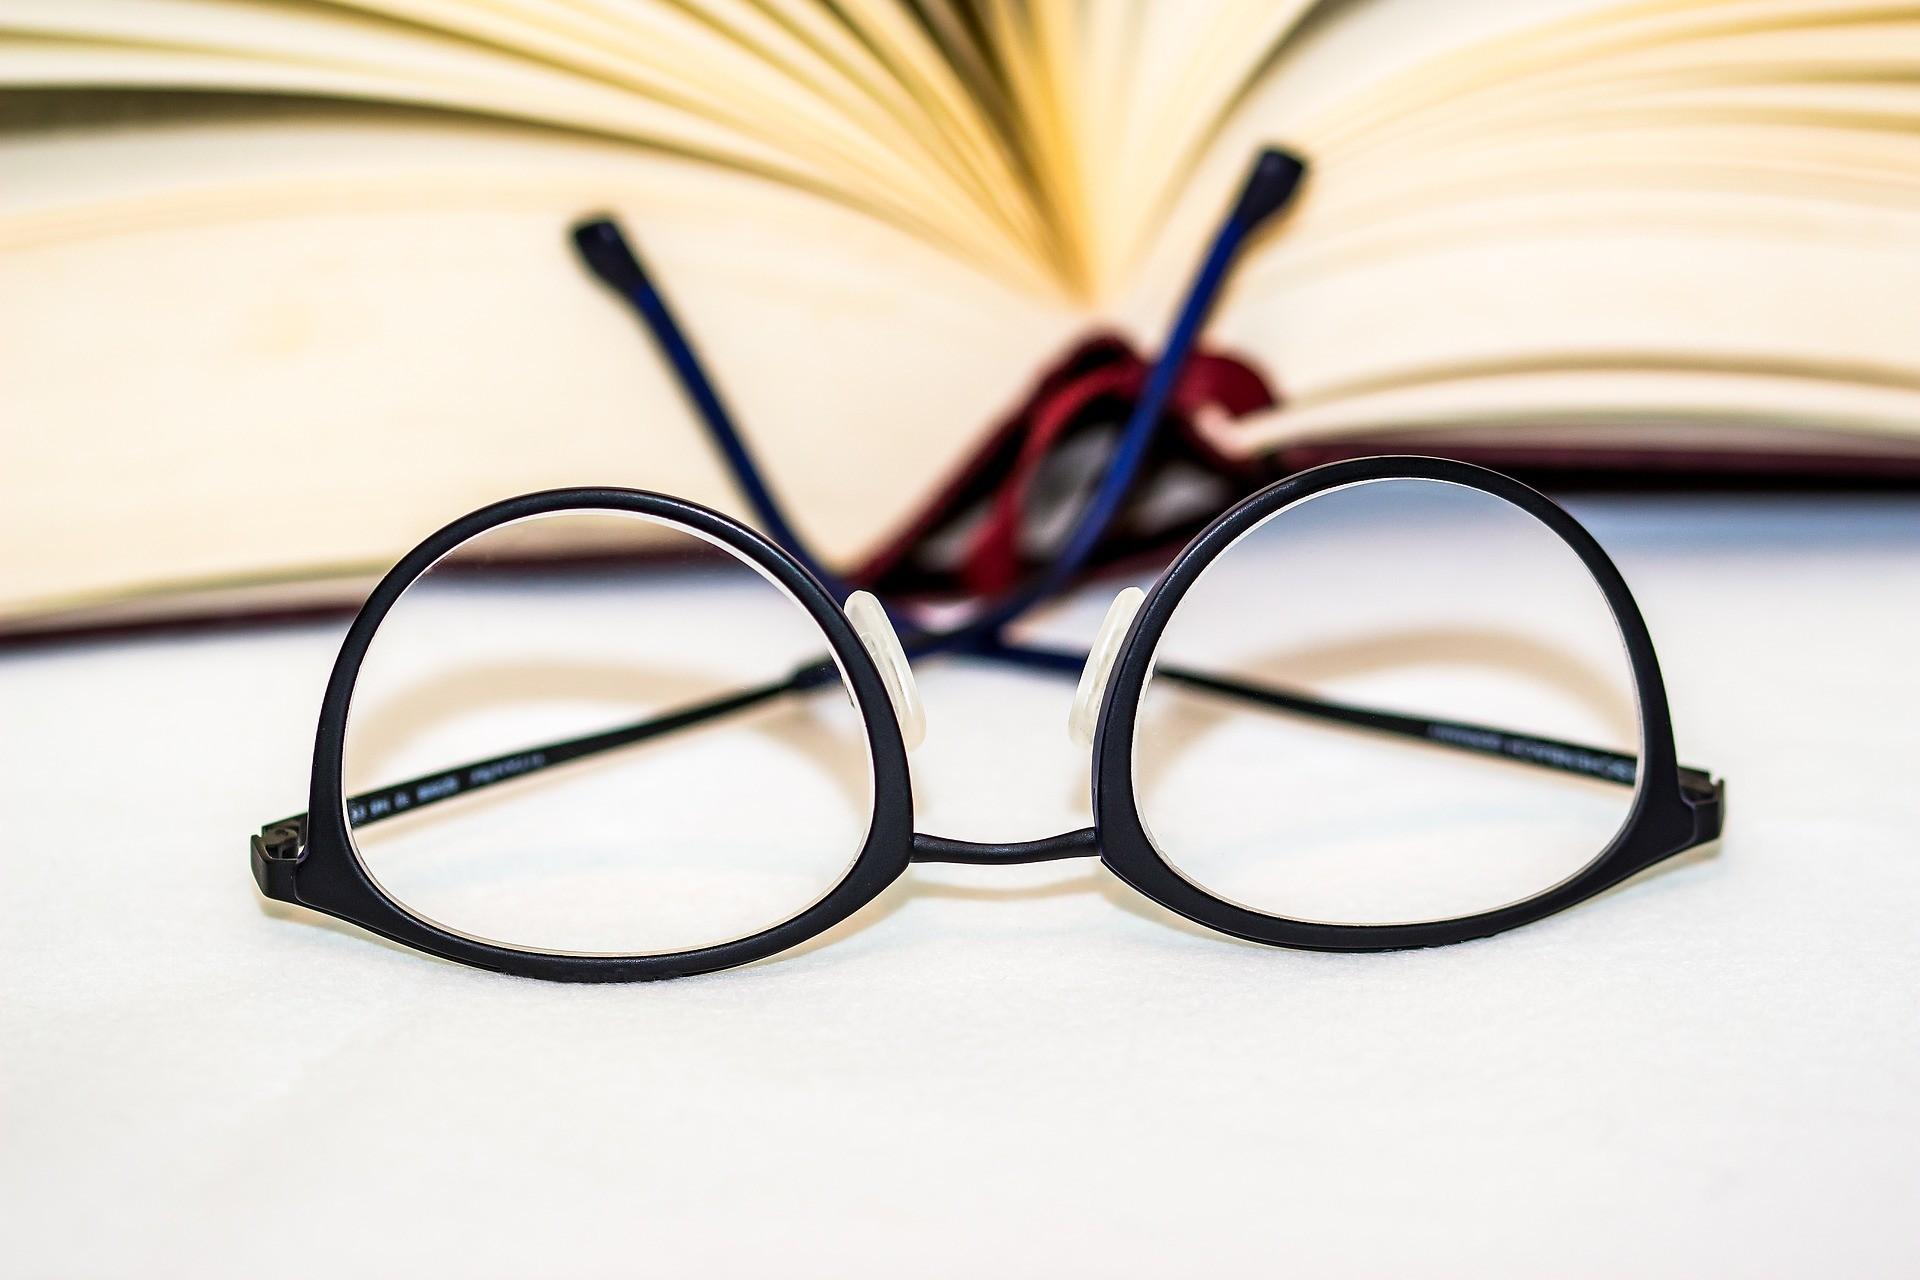 云镜台:配眼镜需注意的几个问题,别不注意了